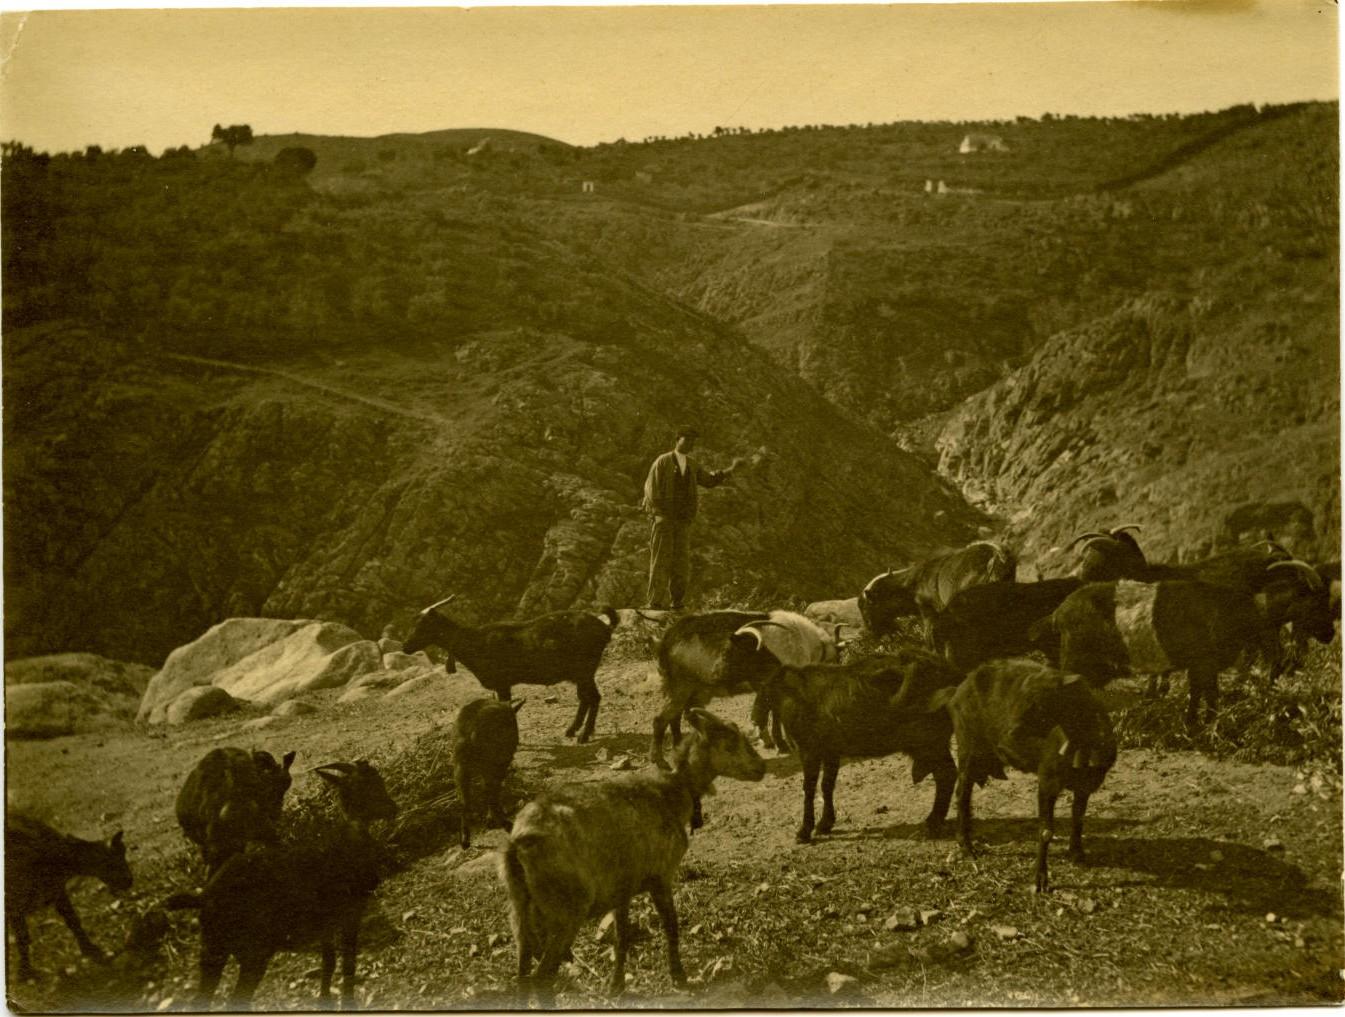 m.-Rebaño de cabras en paraje sin identificar